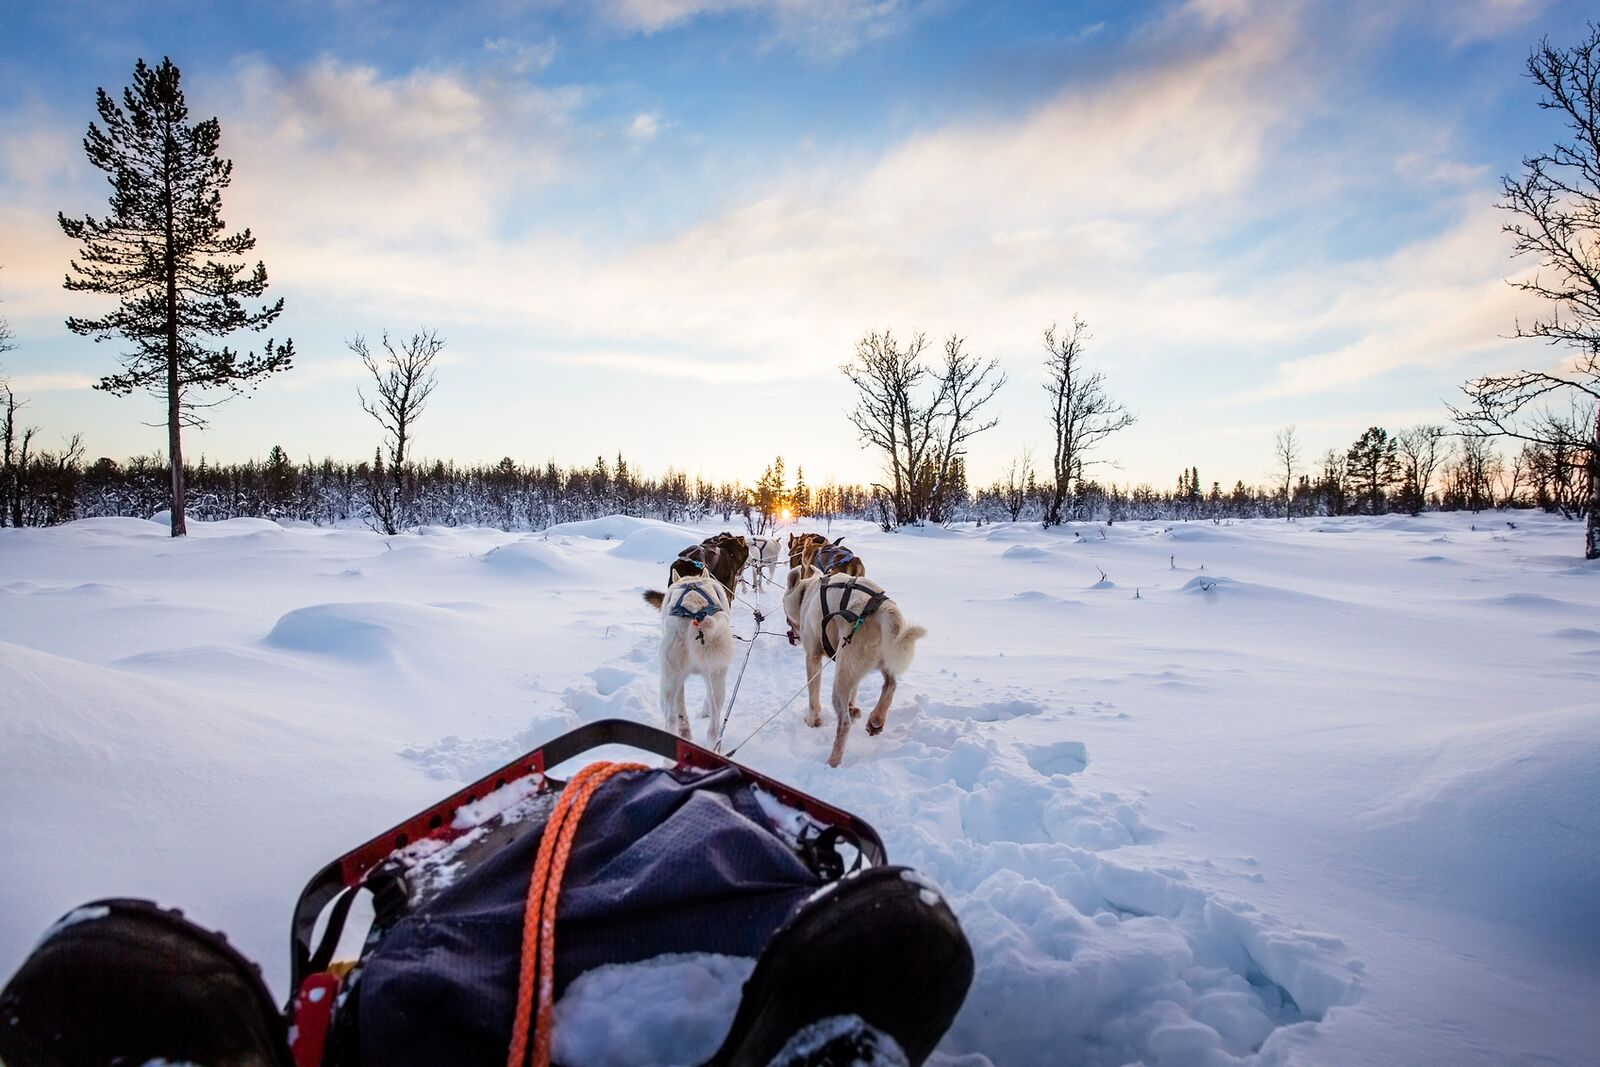 Hundespann som trekker en slede innover i et vakkert snødekket landskap. En perfekt ting å gjøre med kjæresten.